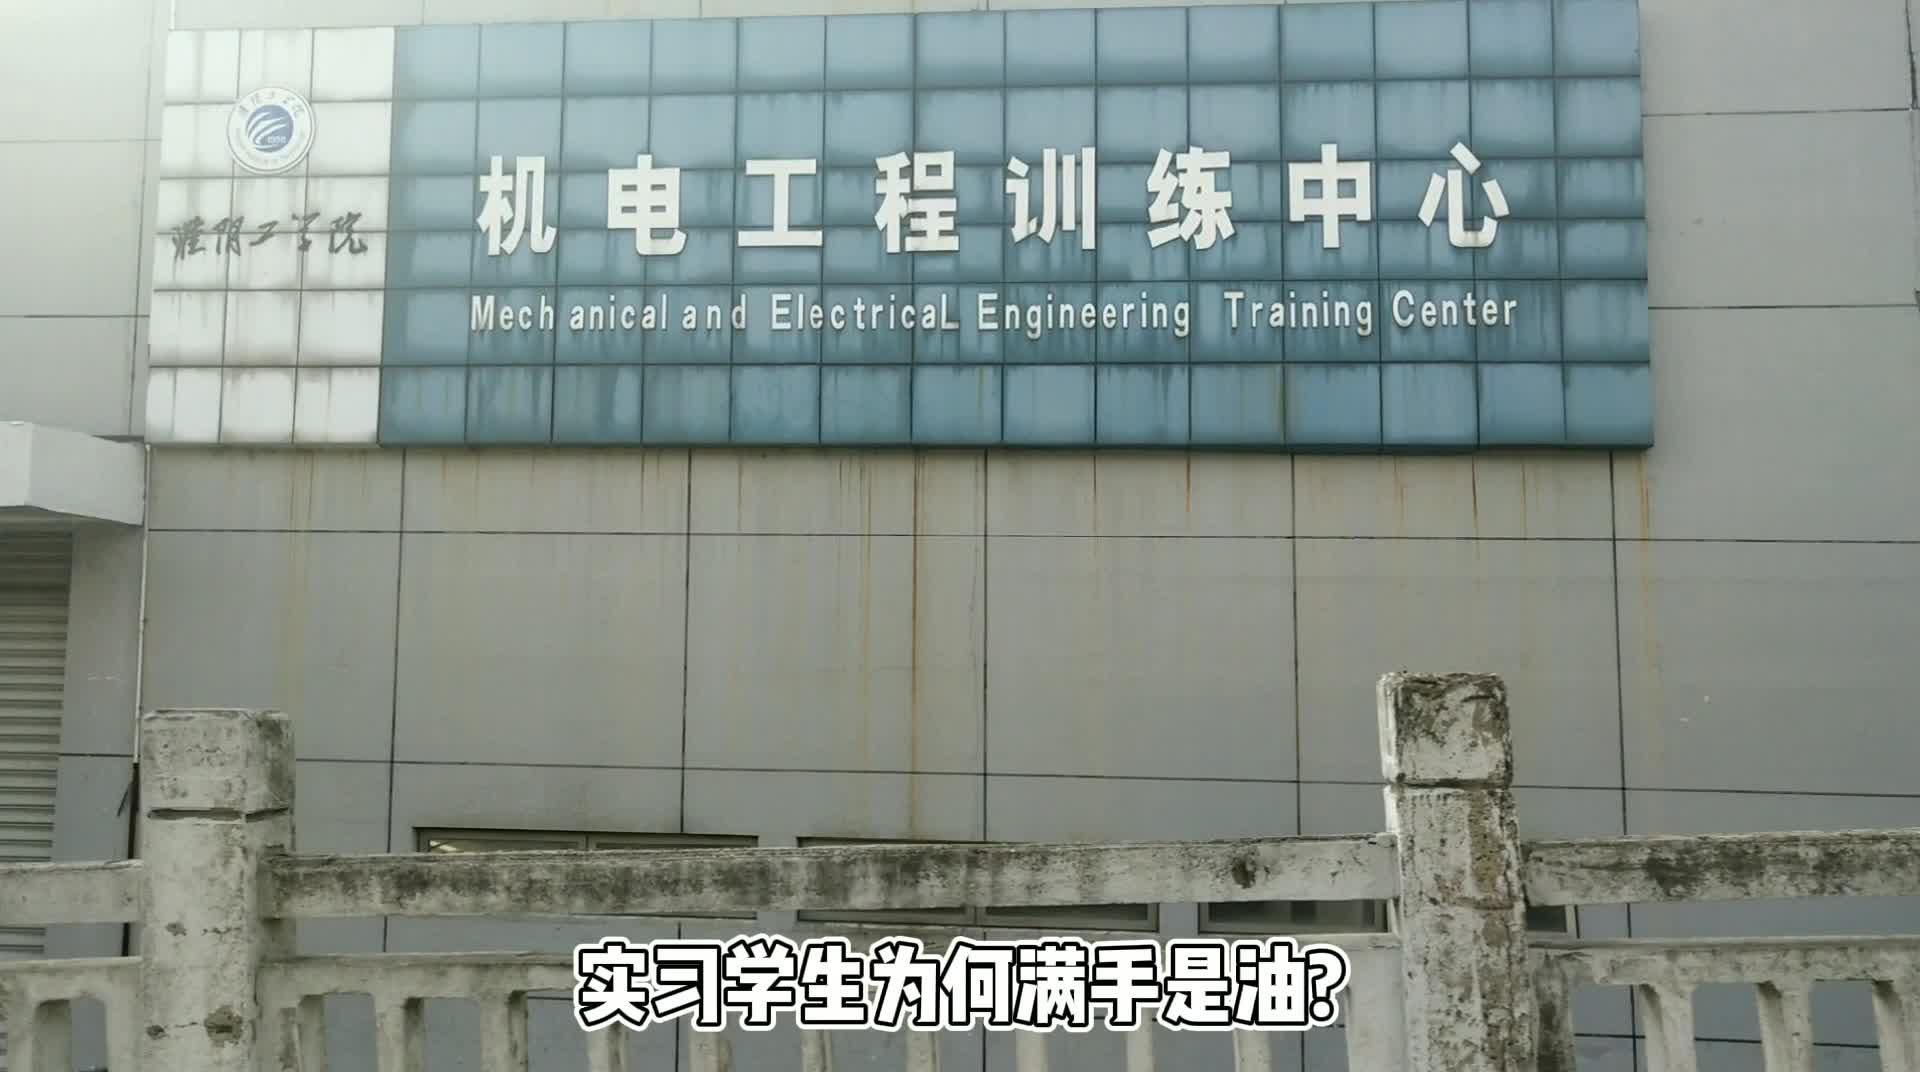 06 淮阴工学院 过程装备与控制工程 韩维东